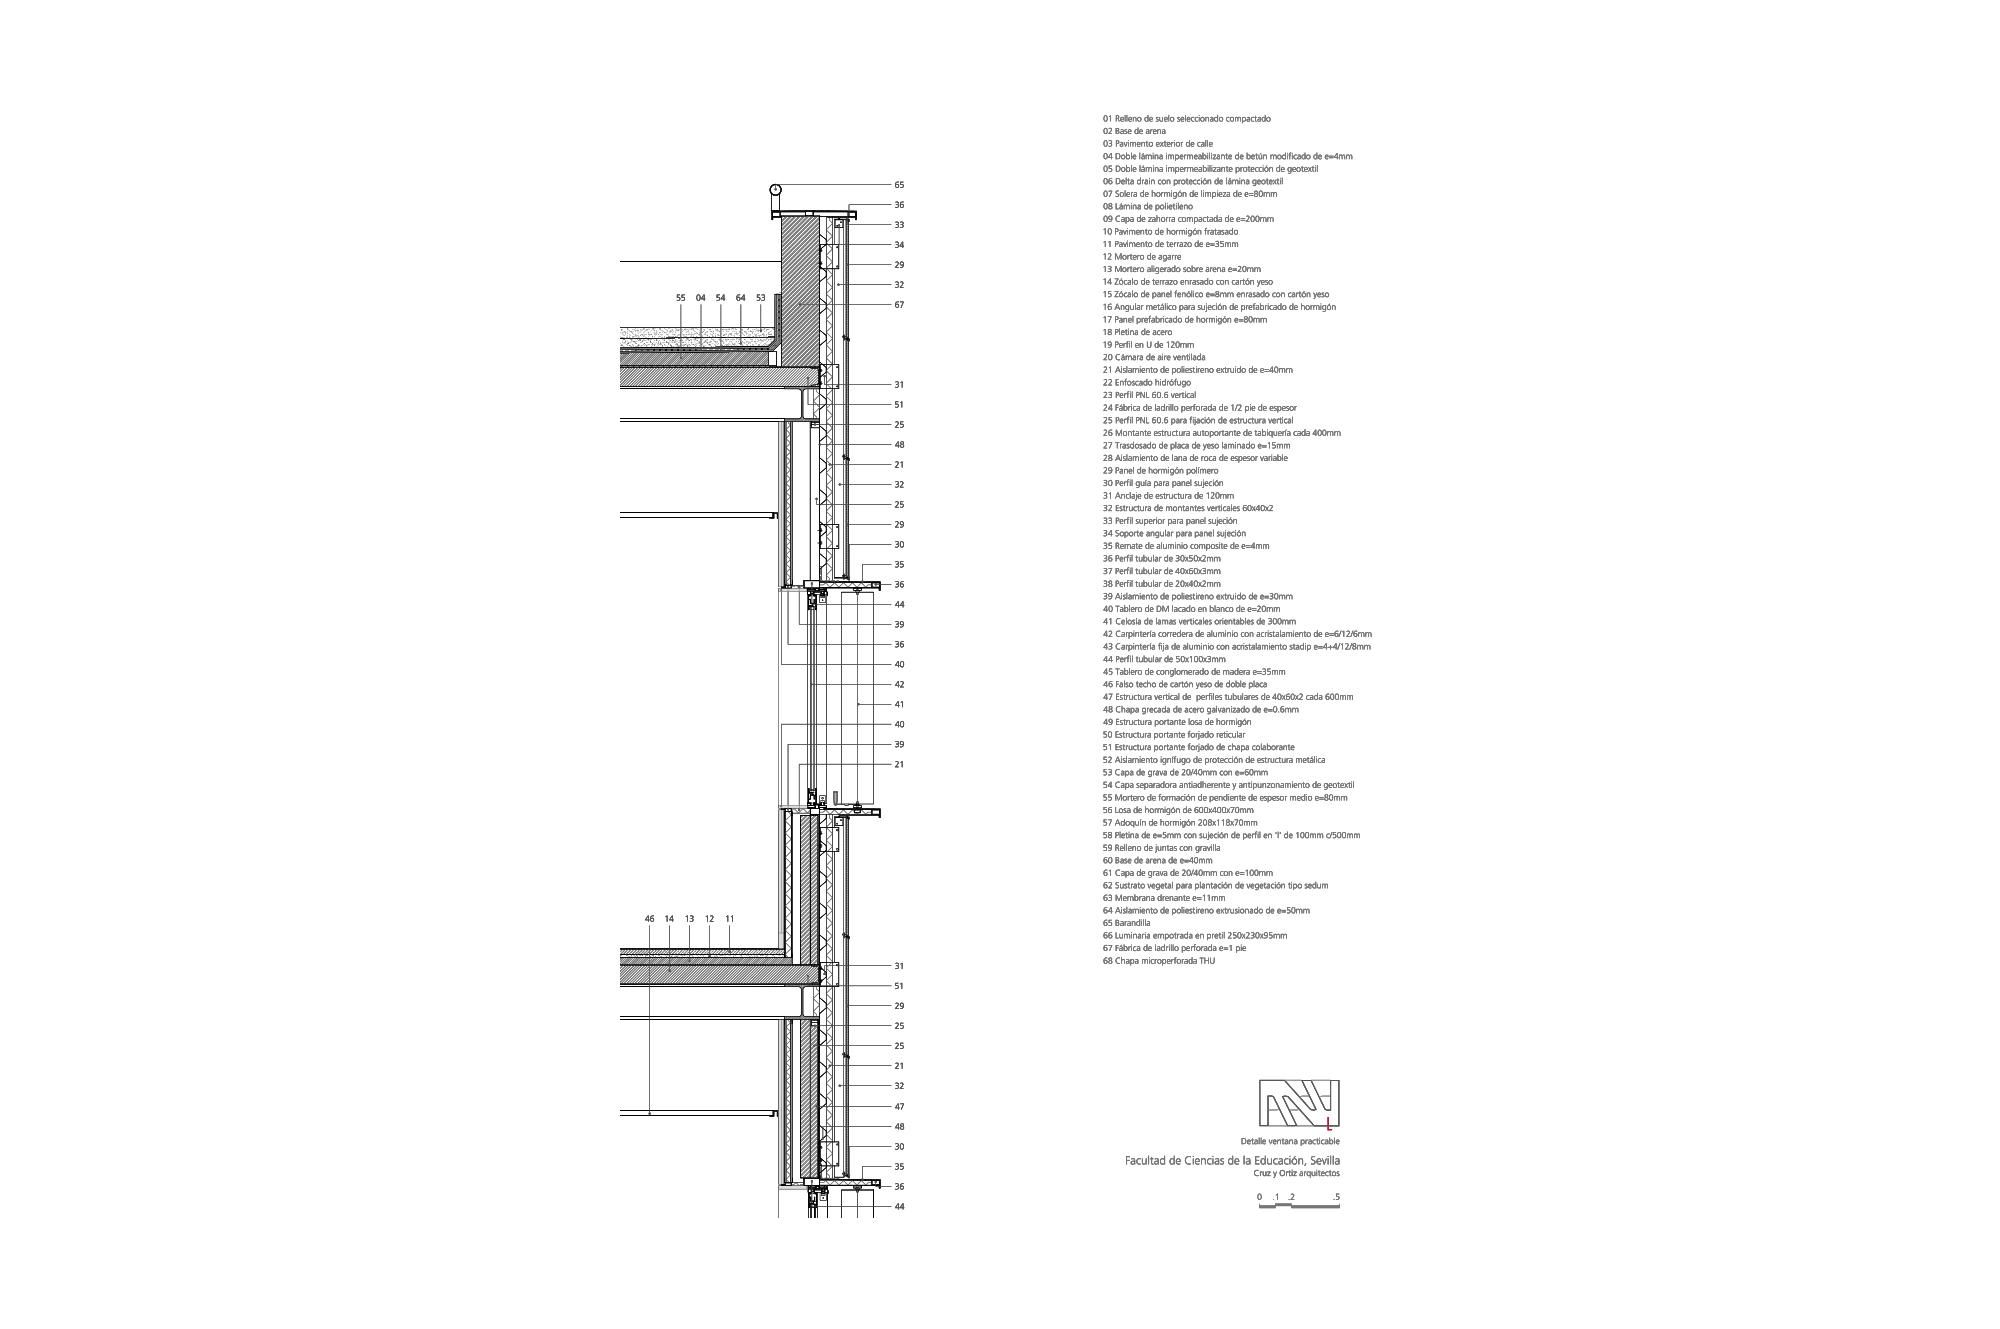 Cruz y ortiz arquitectos facultad ciencias educacion - Detalle carpinteria aluminio ...